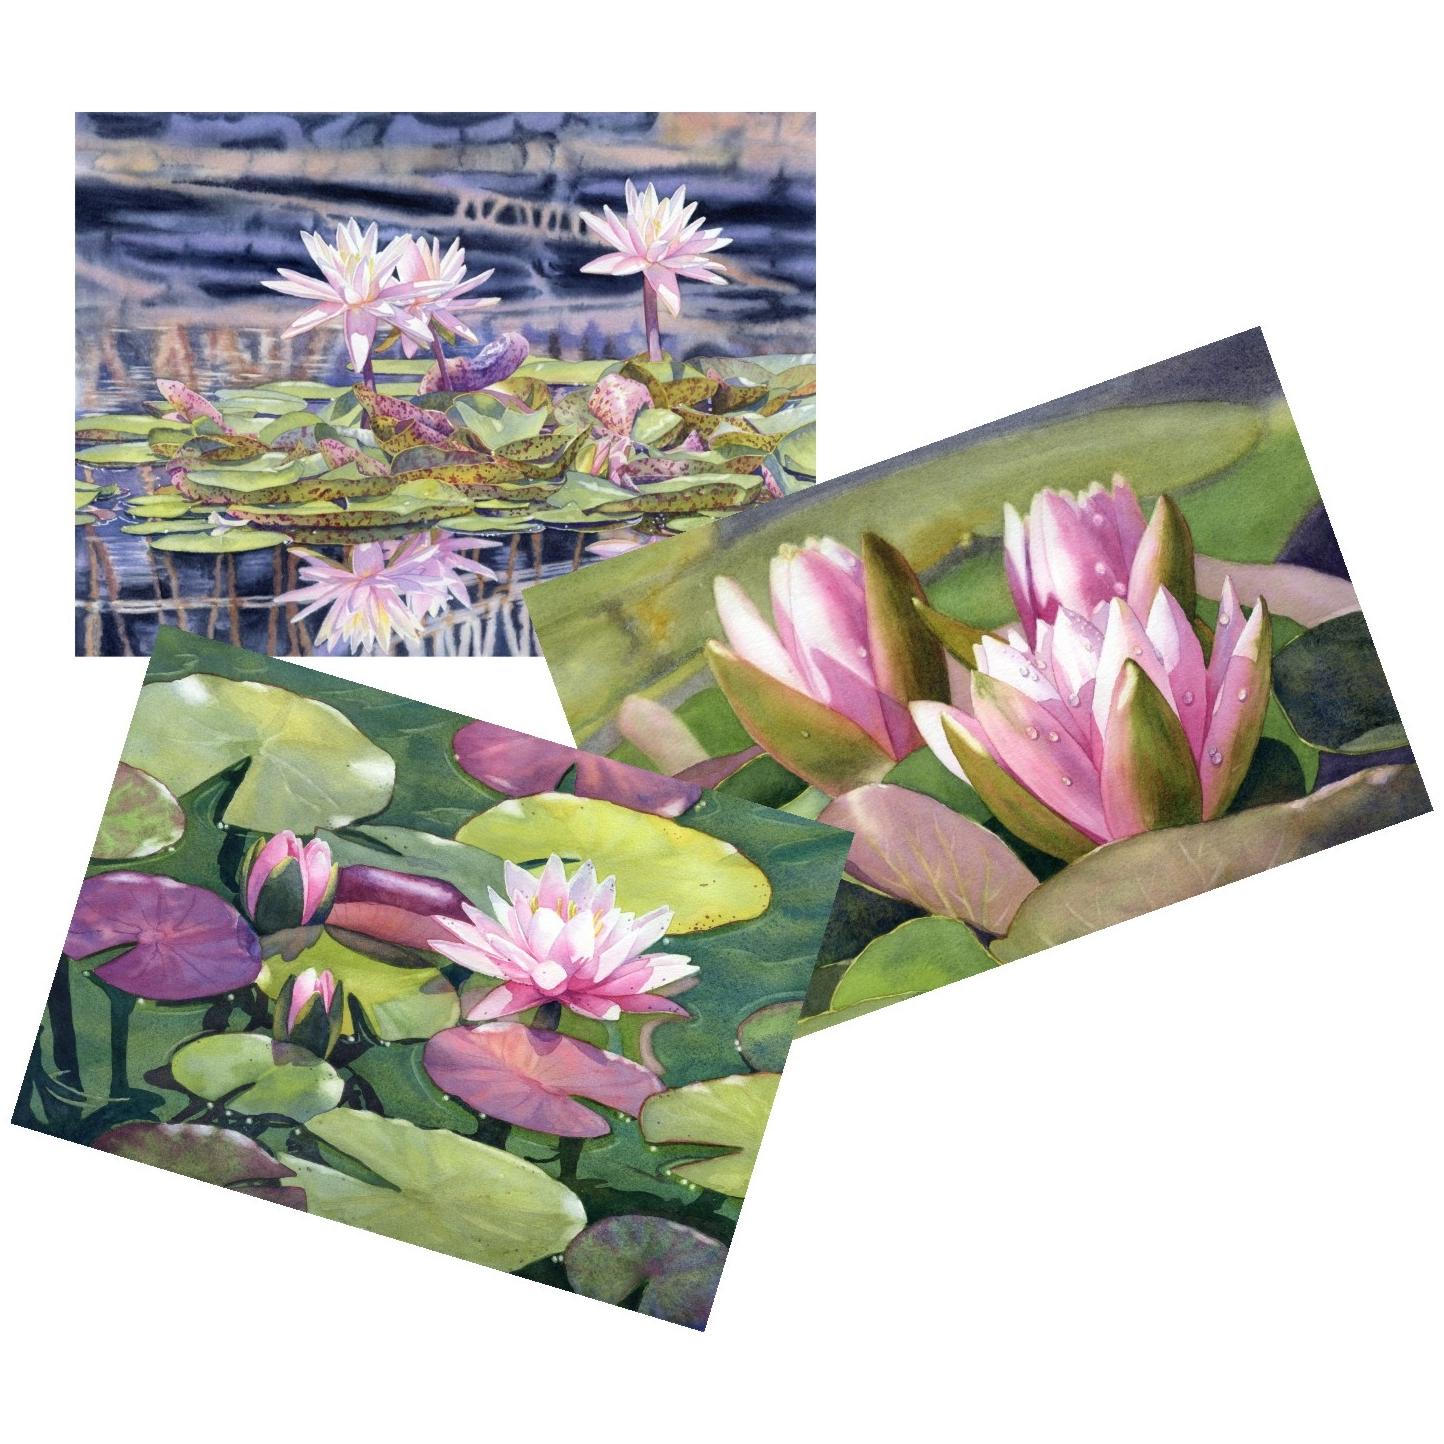 blank-note-cards-waterlily-prints-lorraine-watry.jpg